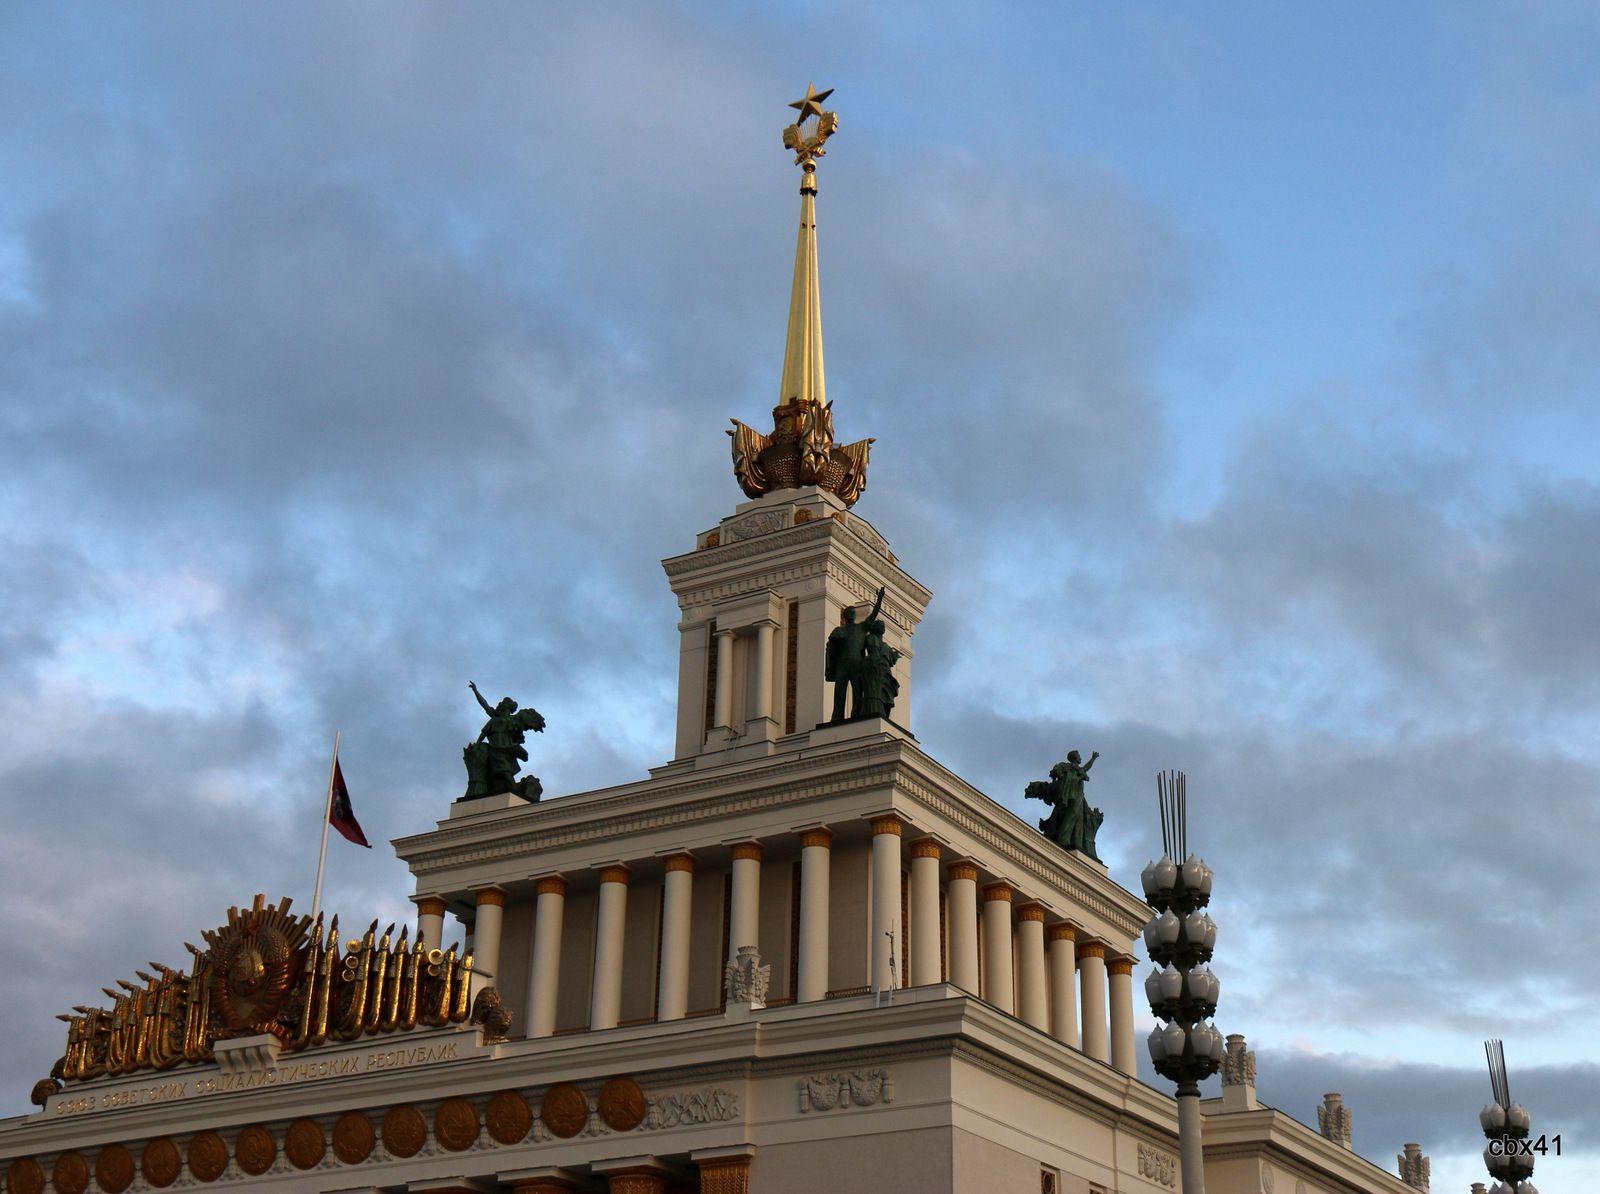 Groupes sculptés de la Maison du peuple russe,  Centre des expositions de Moscou